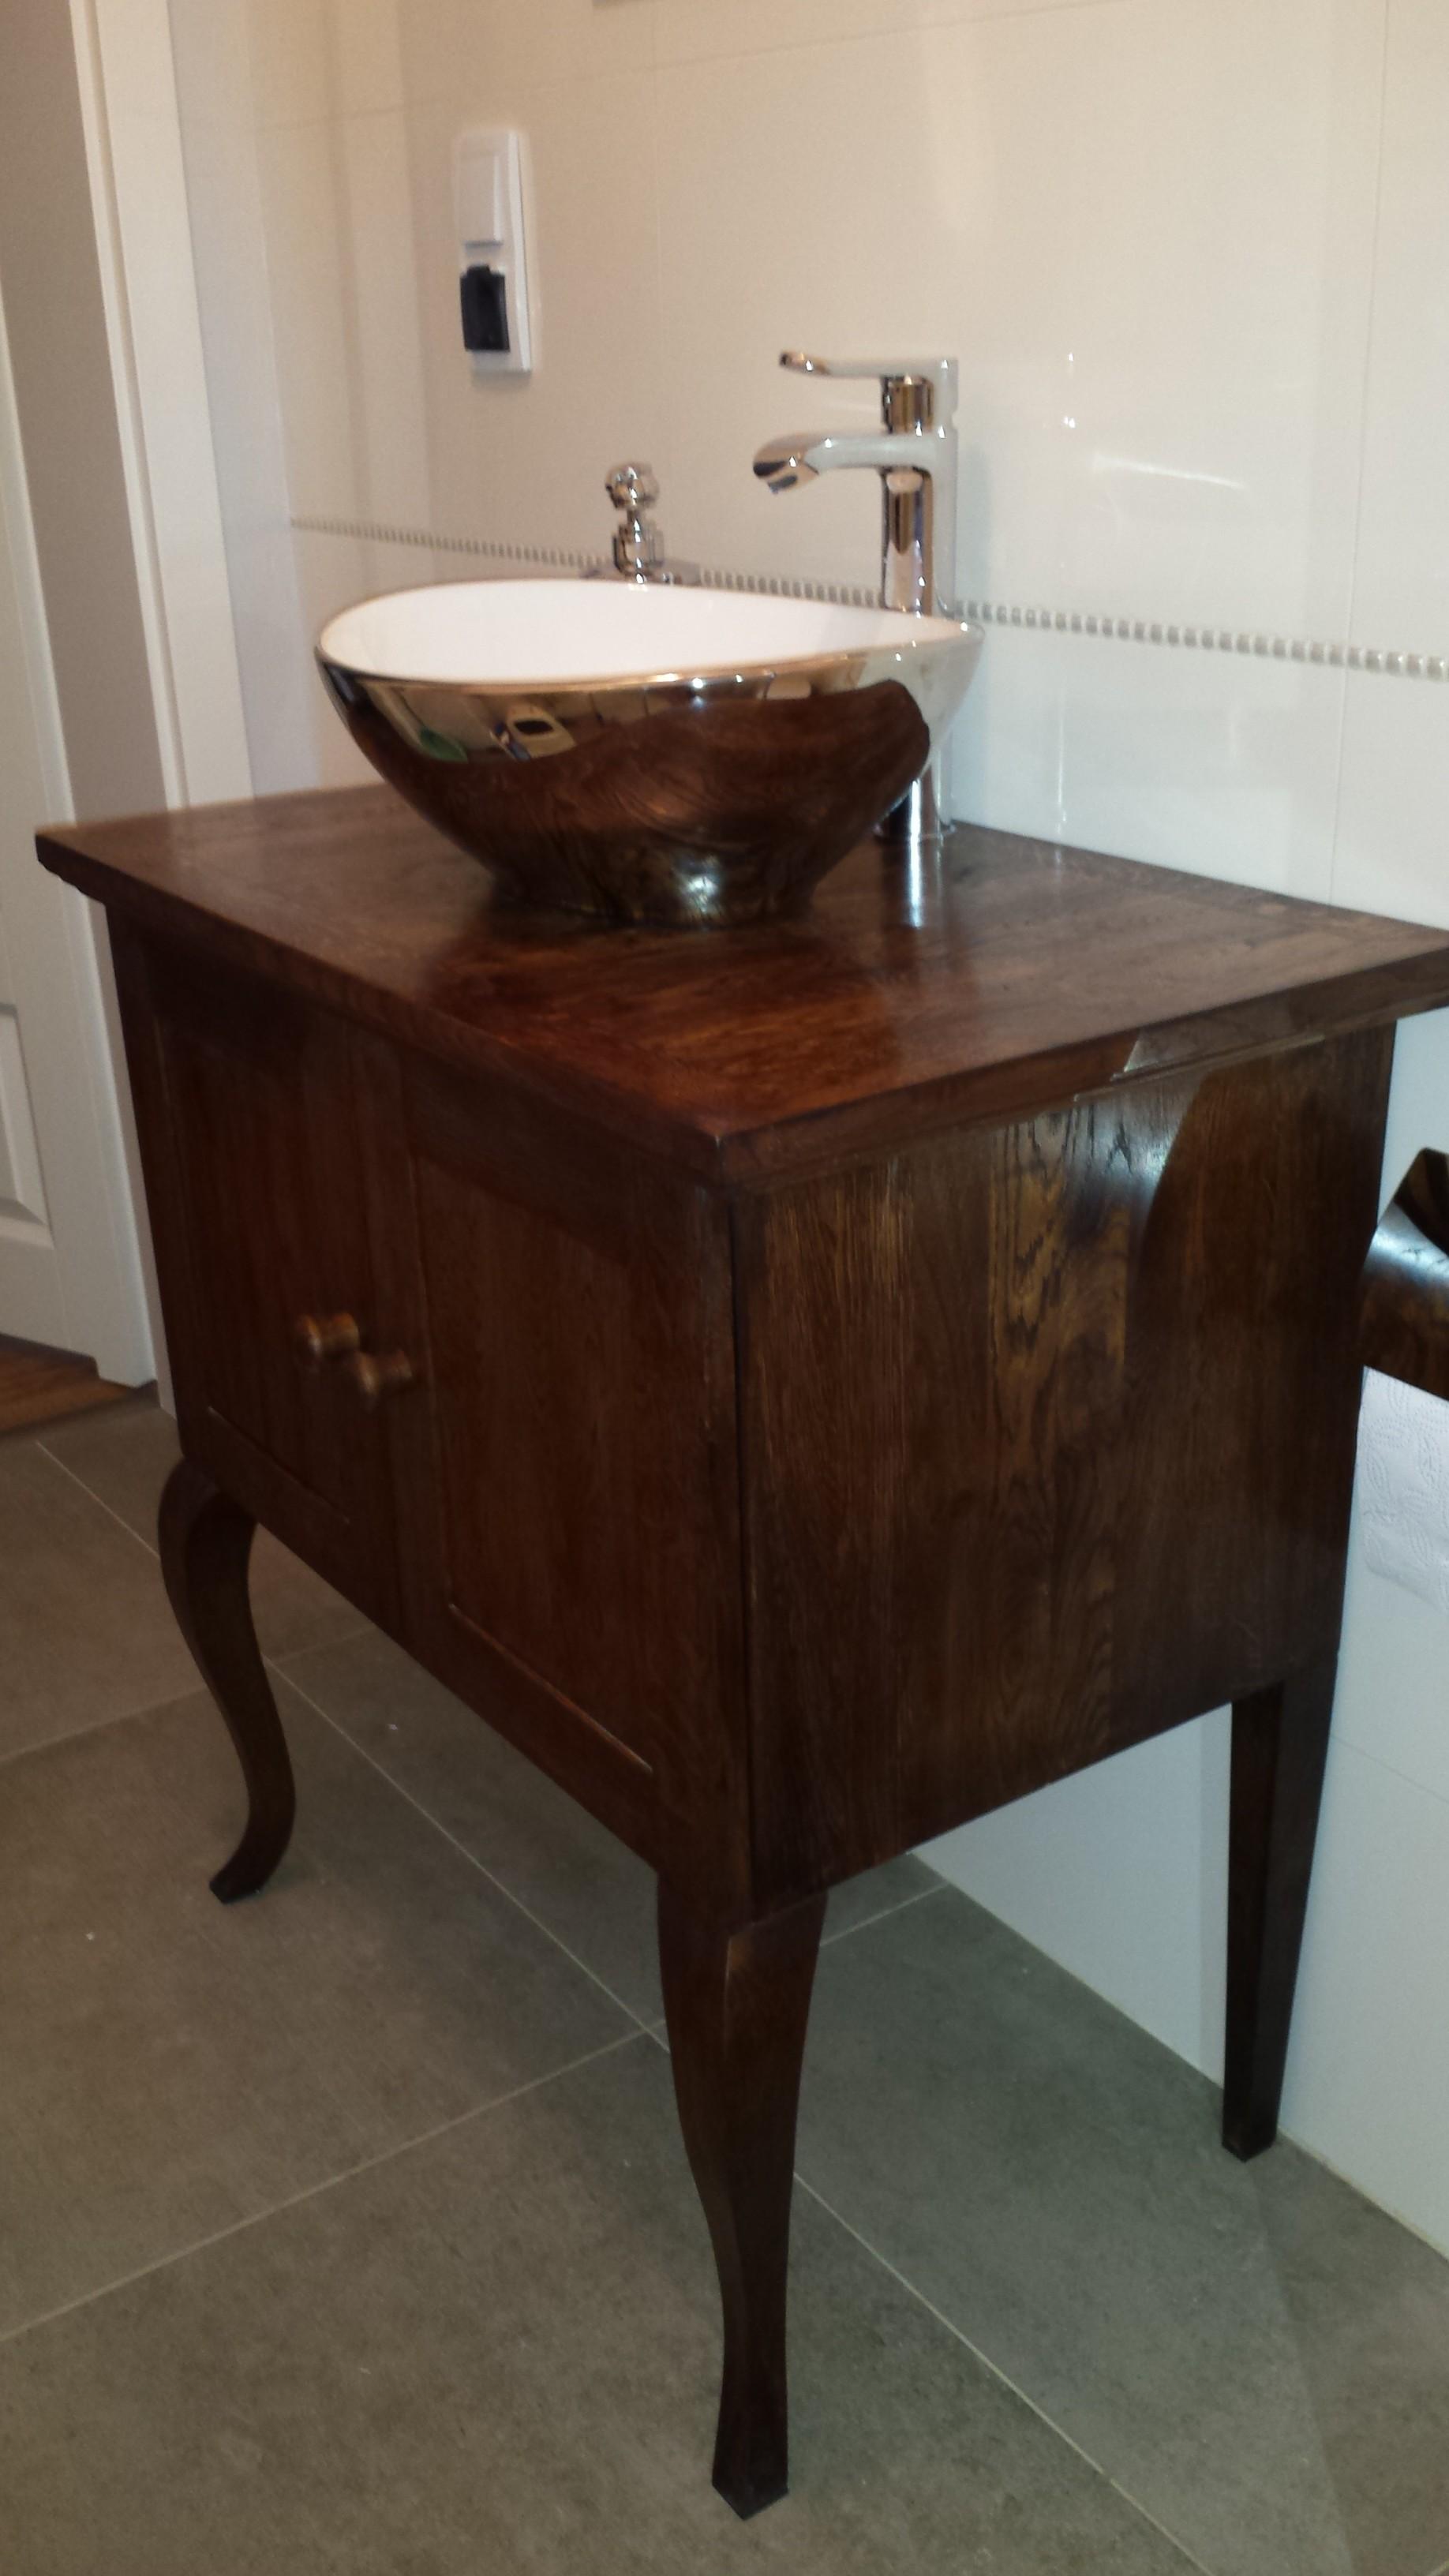 szafka łazienkowa stylizowana wrocław na zamówienie